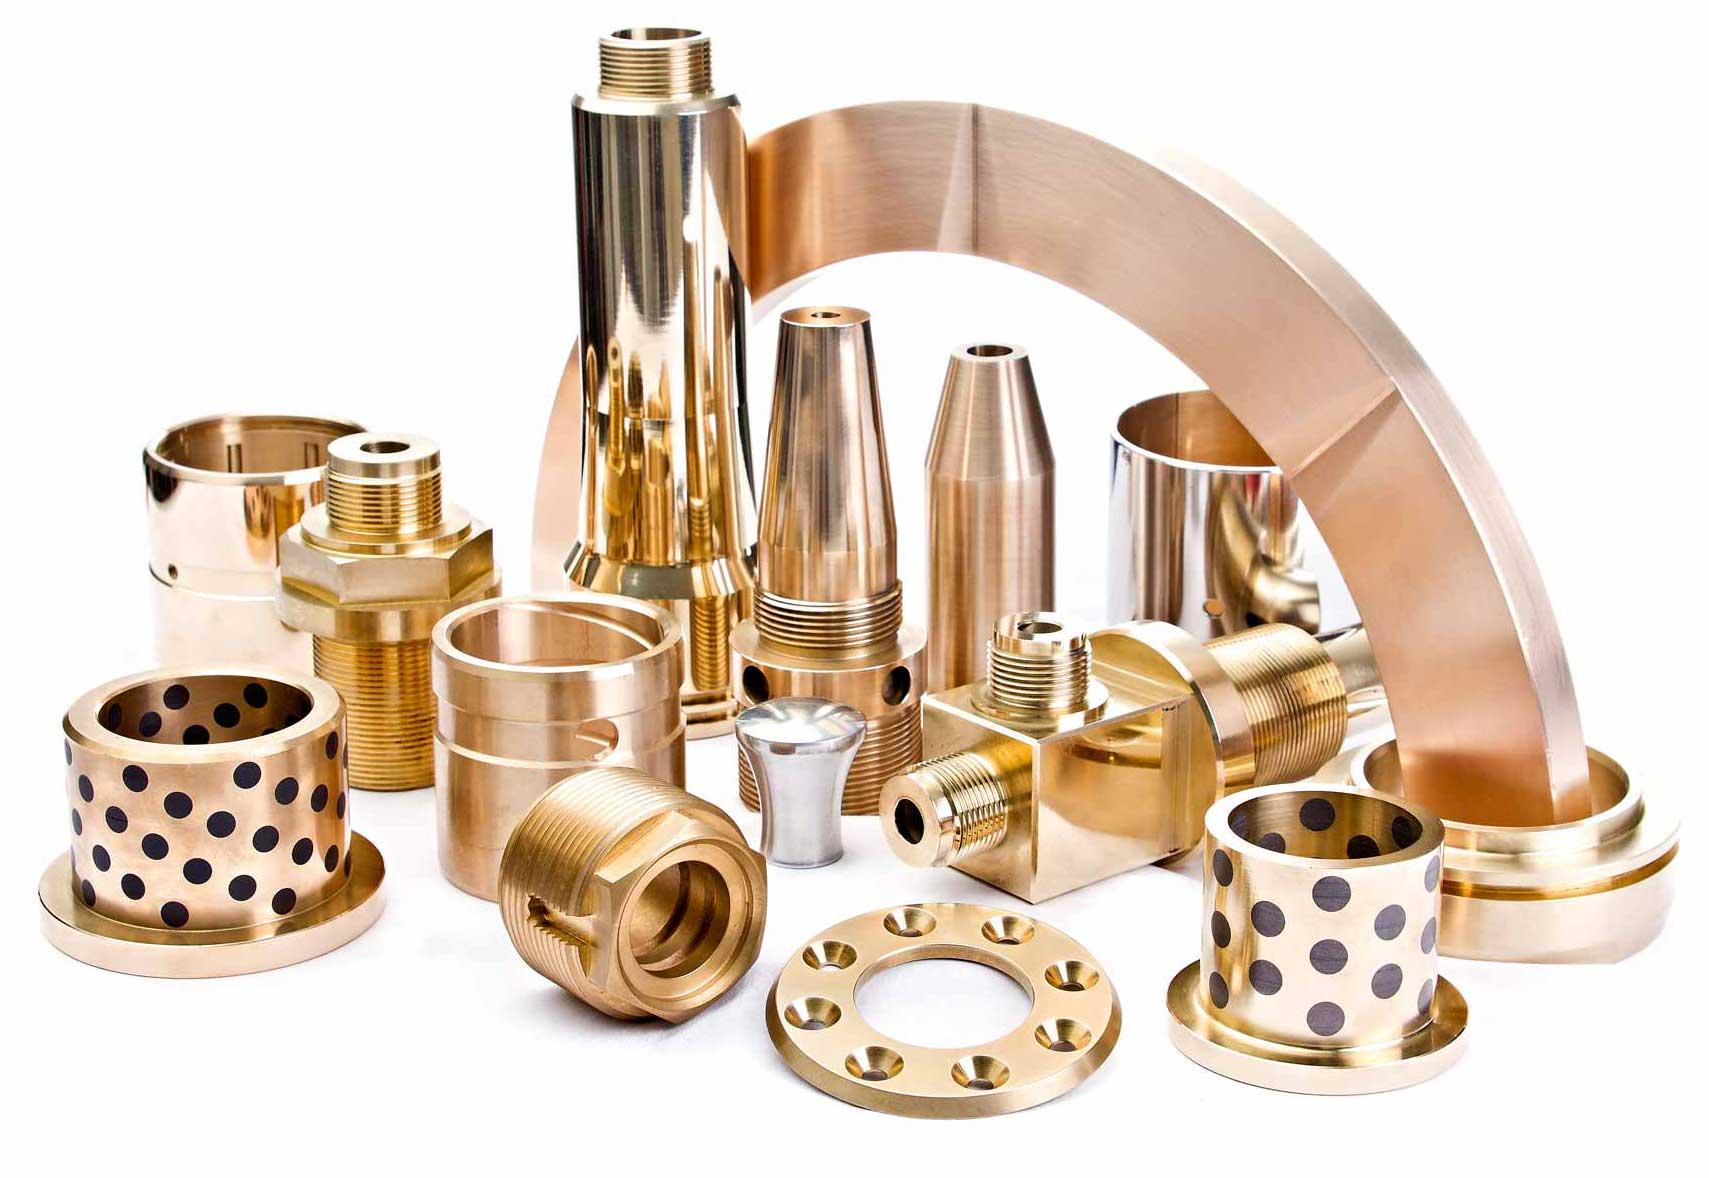 Leeds Bronze Engineering Ltd